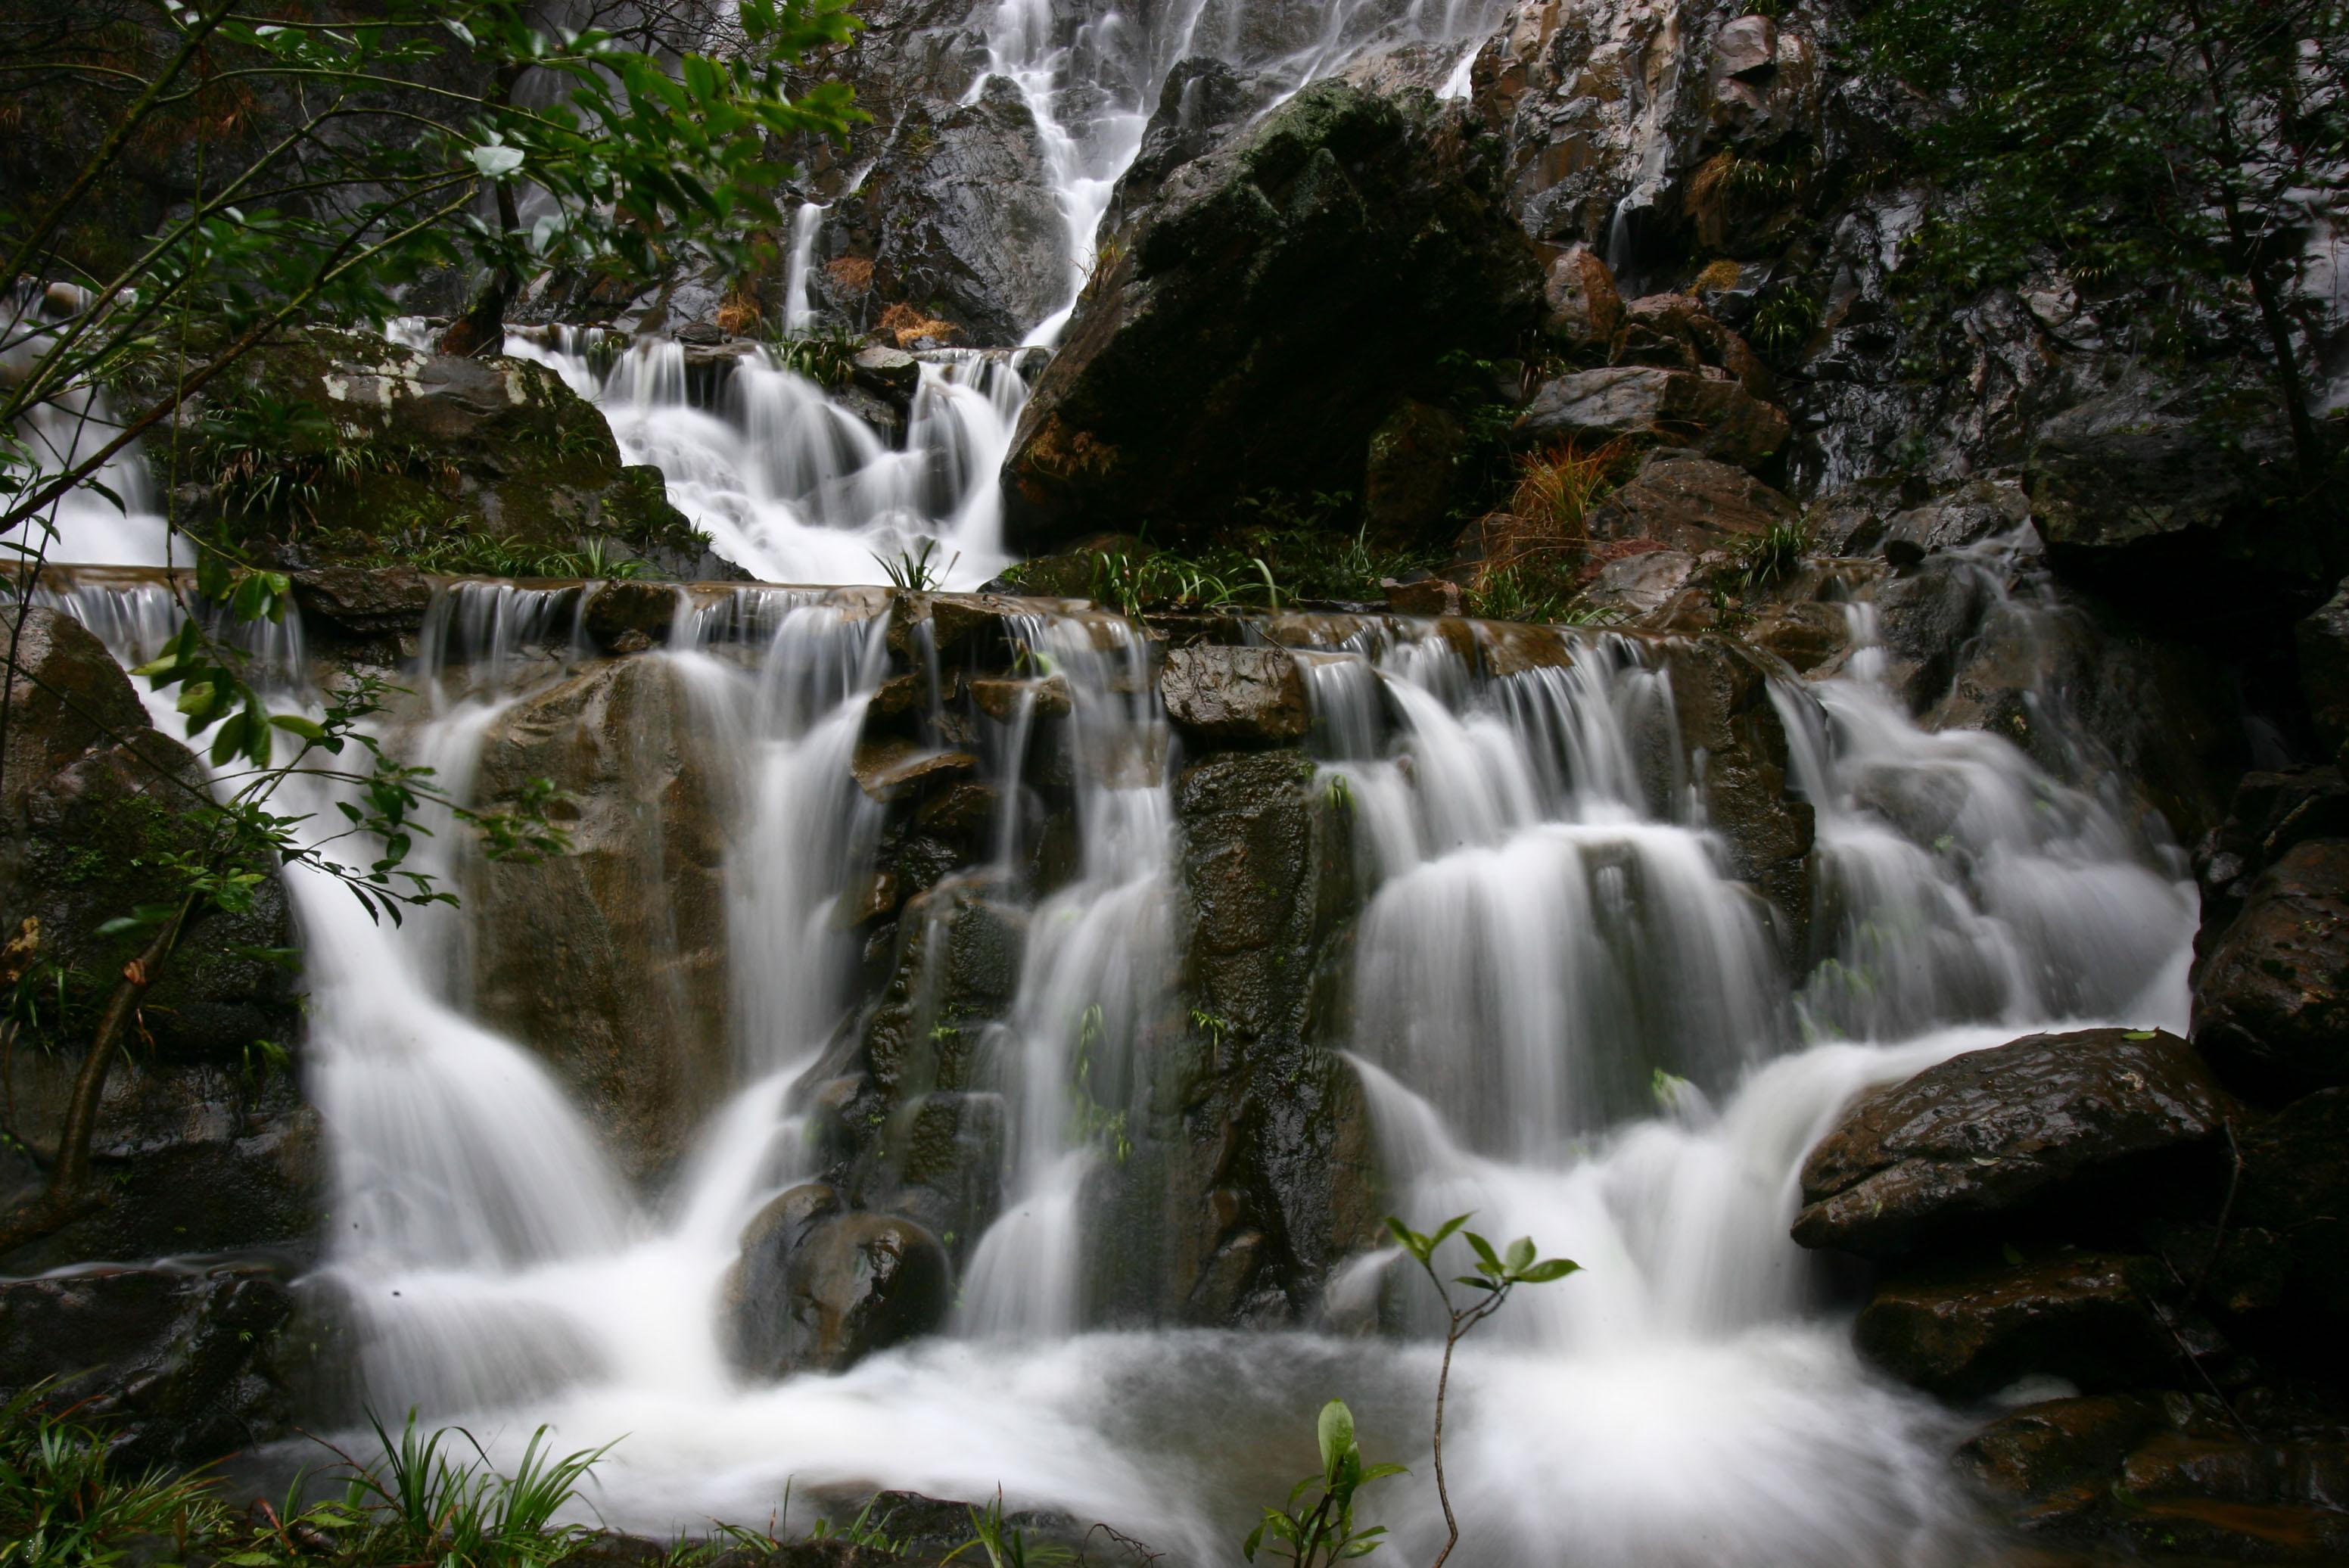 景区风景 - 武夷山玉龙谷景区